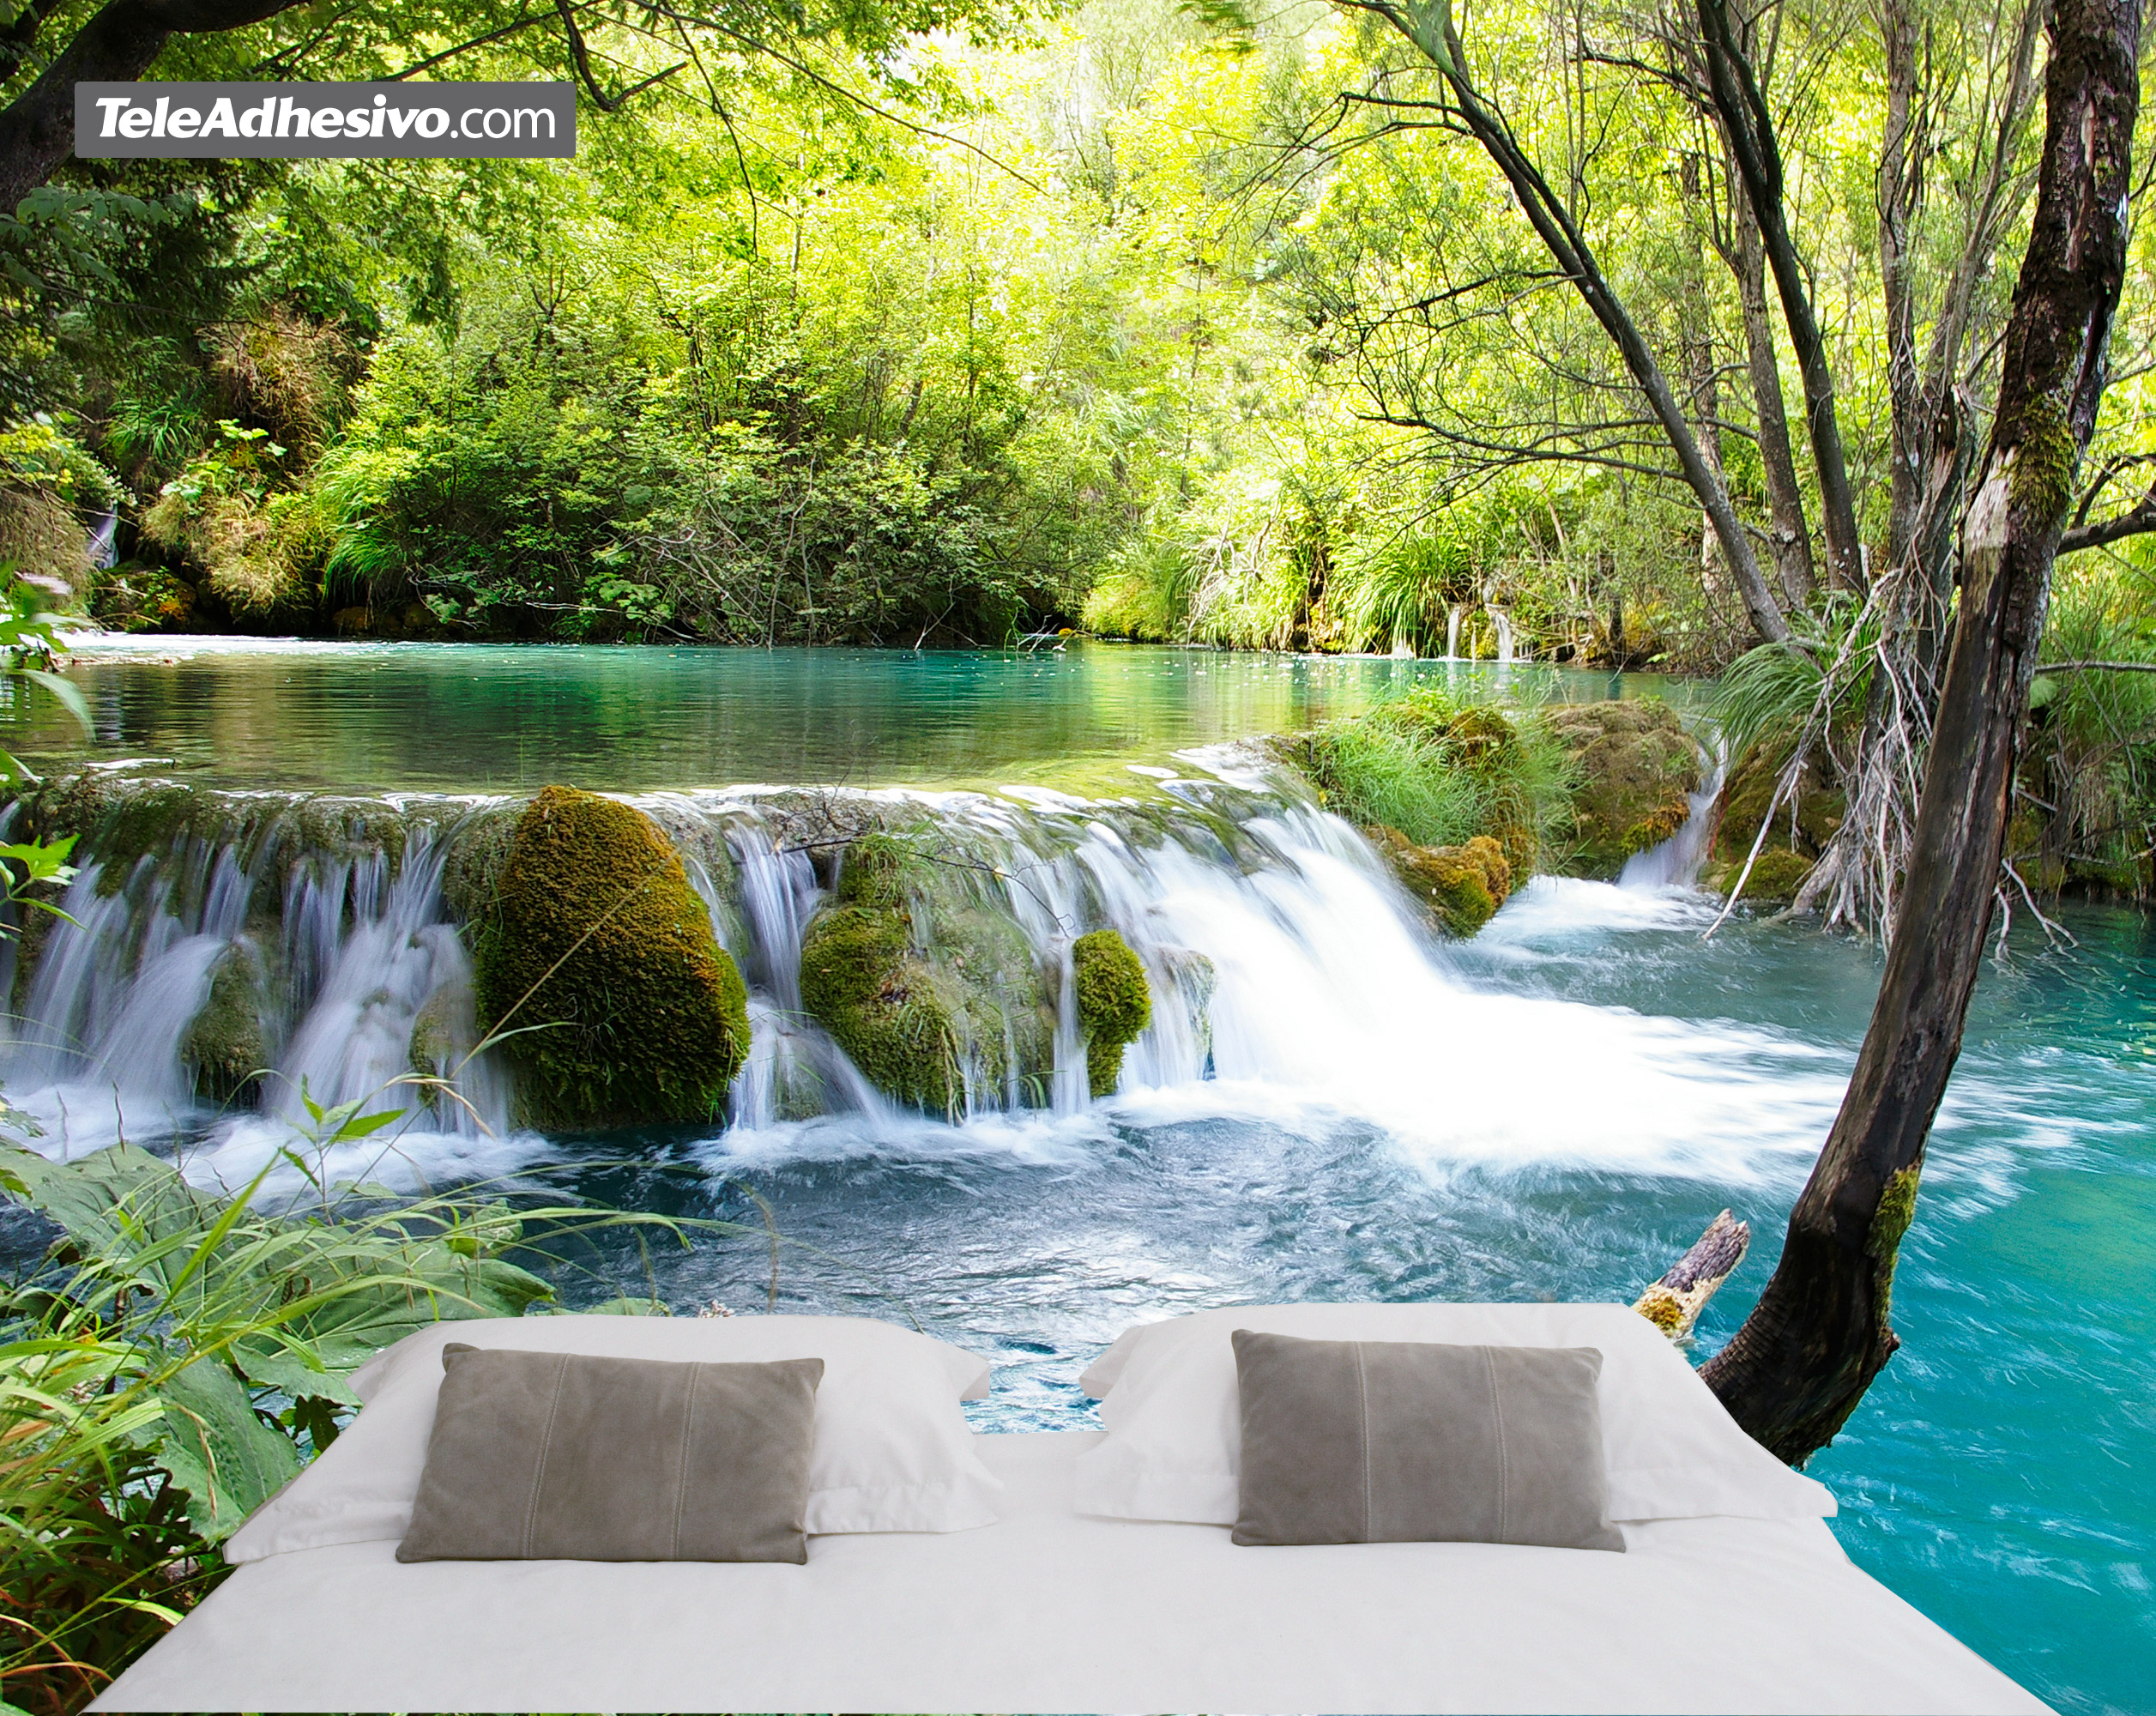 Rio con salto de agua for Fotomurales pared paisajes